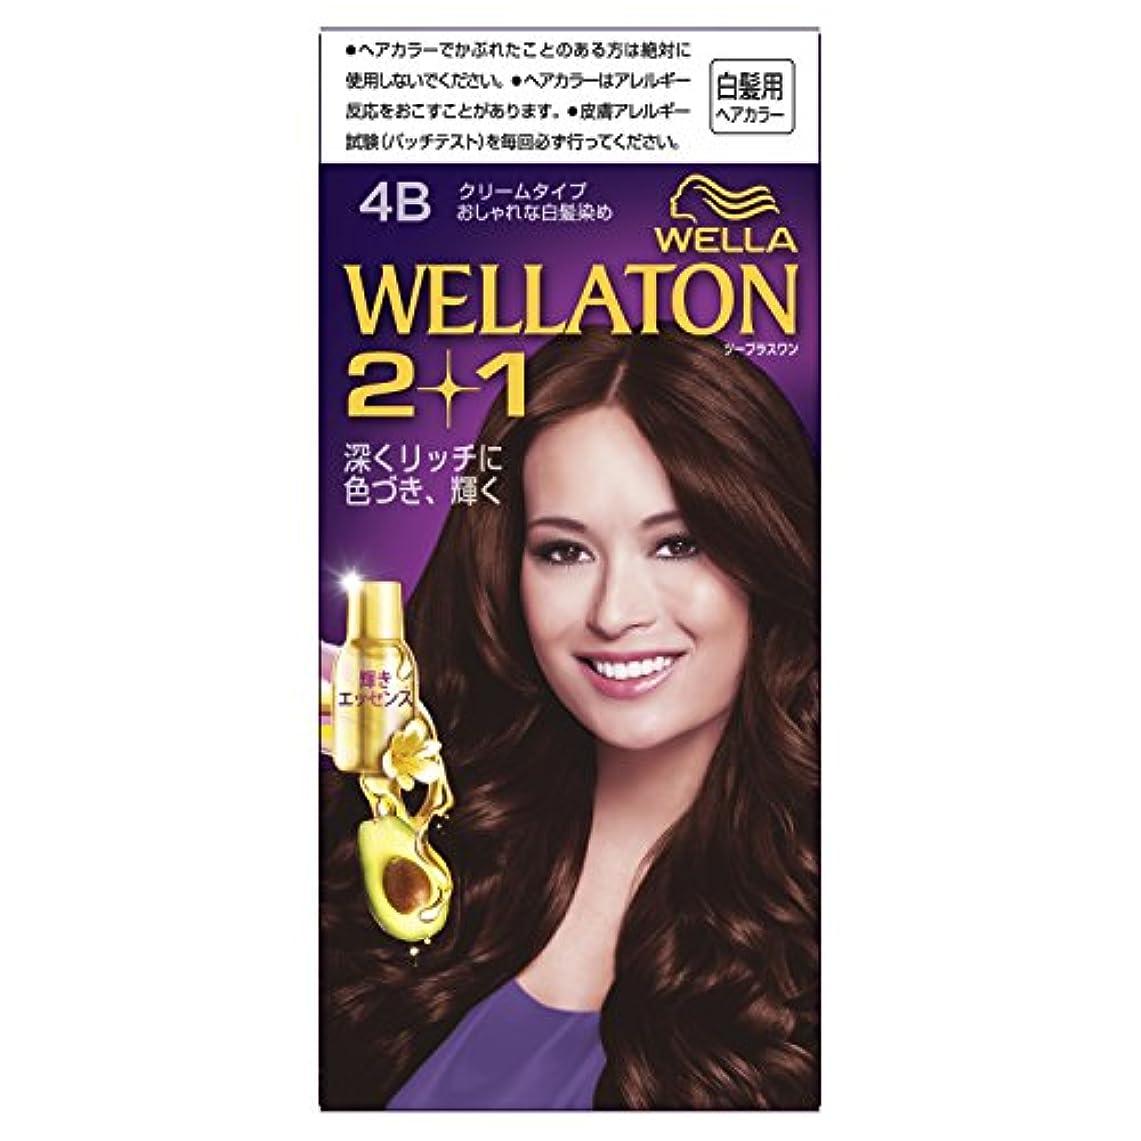 うまコール有料ウエラトーン2+1 クリームタイプ 4B [医薬部外品](おしゃれな白髪染め)